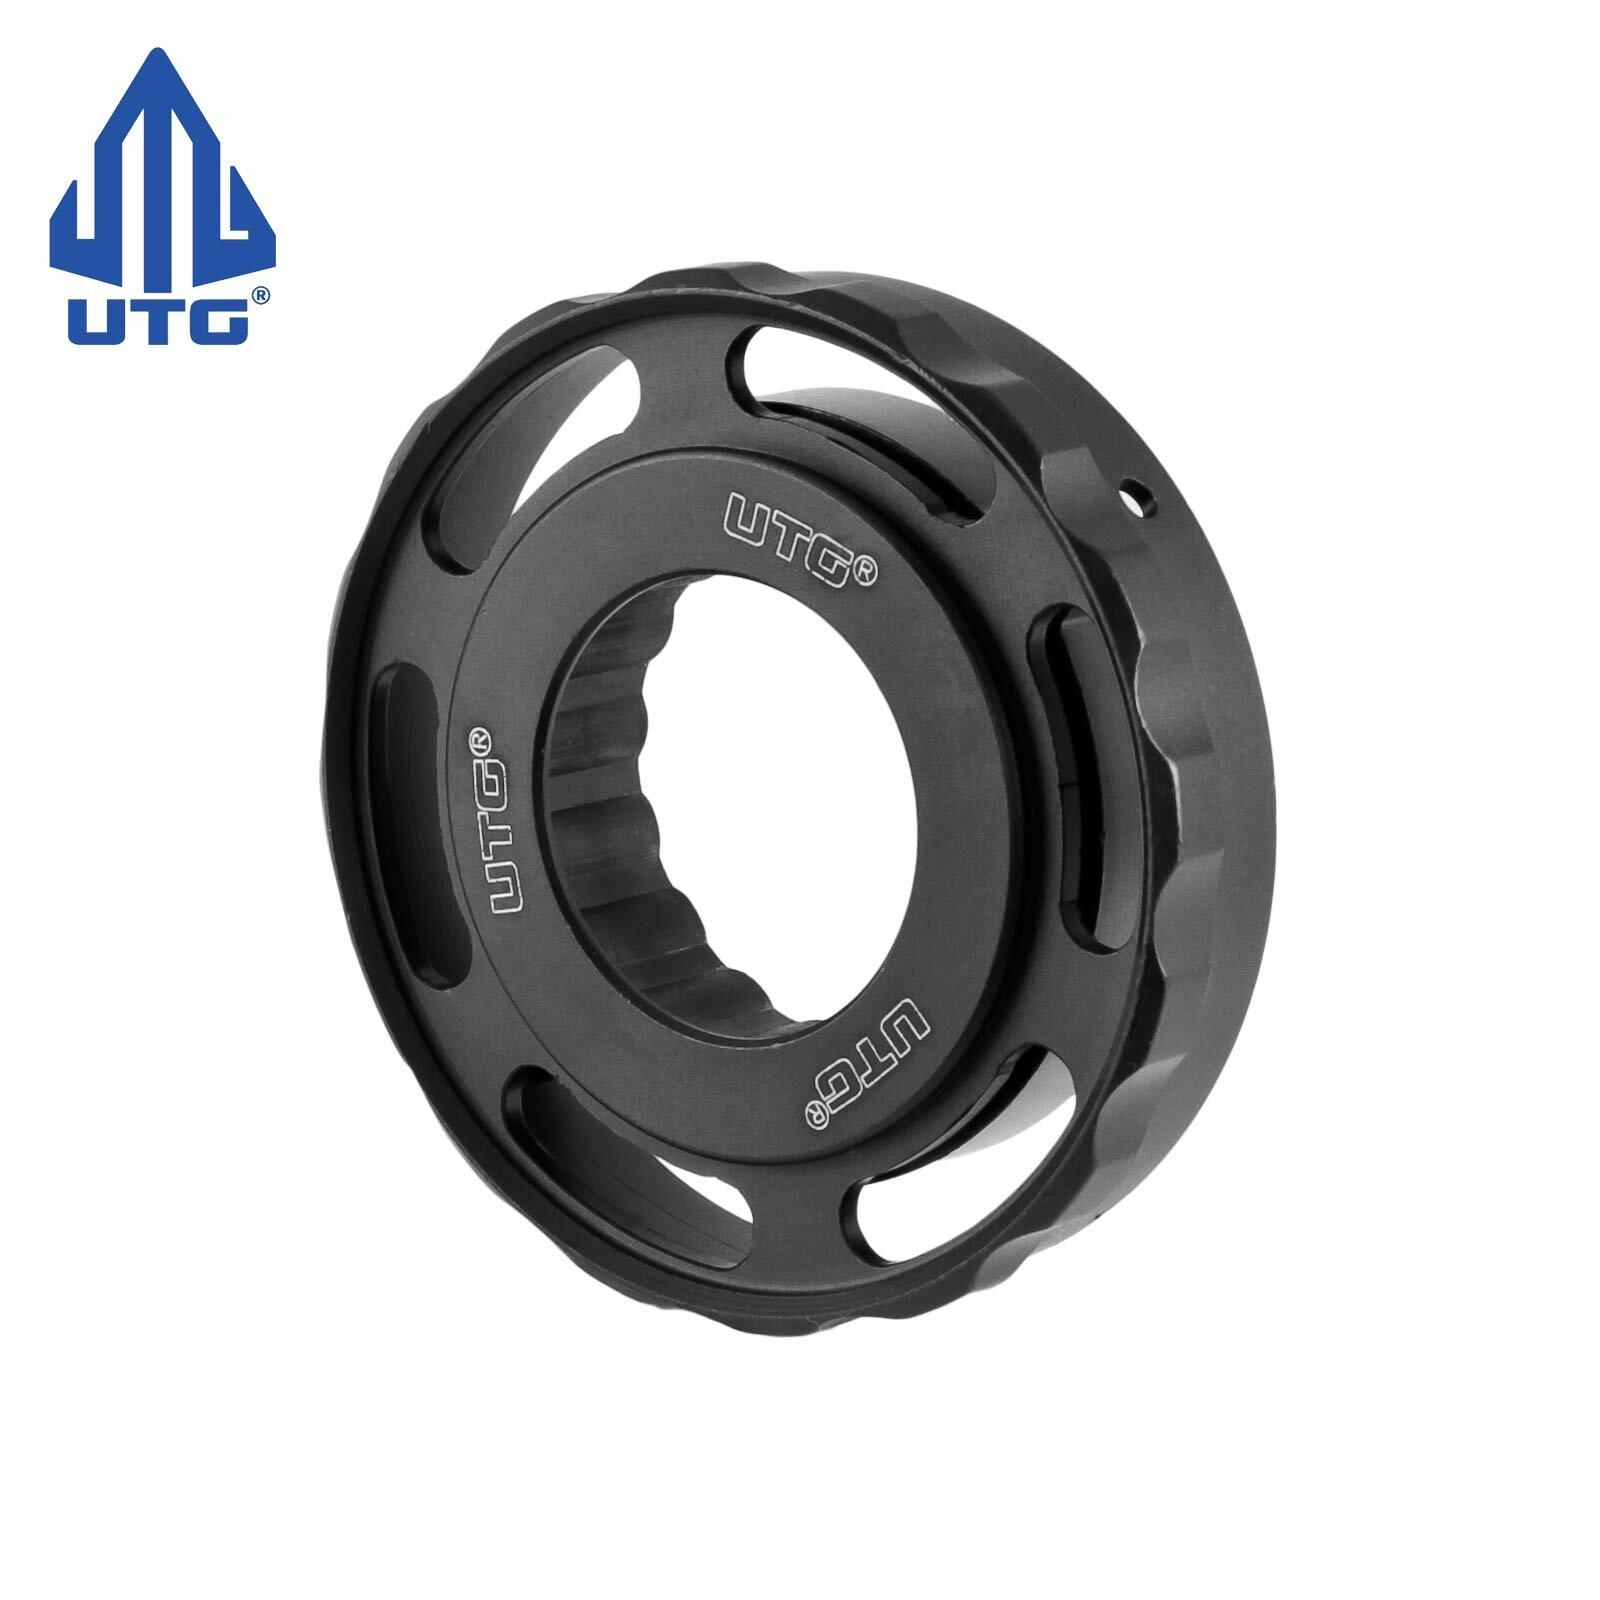 UTG Parallaxerad / Seitenrad 60 mm für Accushot Zielfernrohre